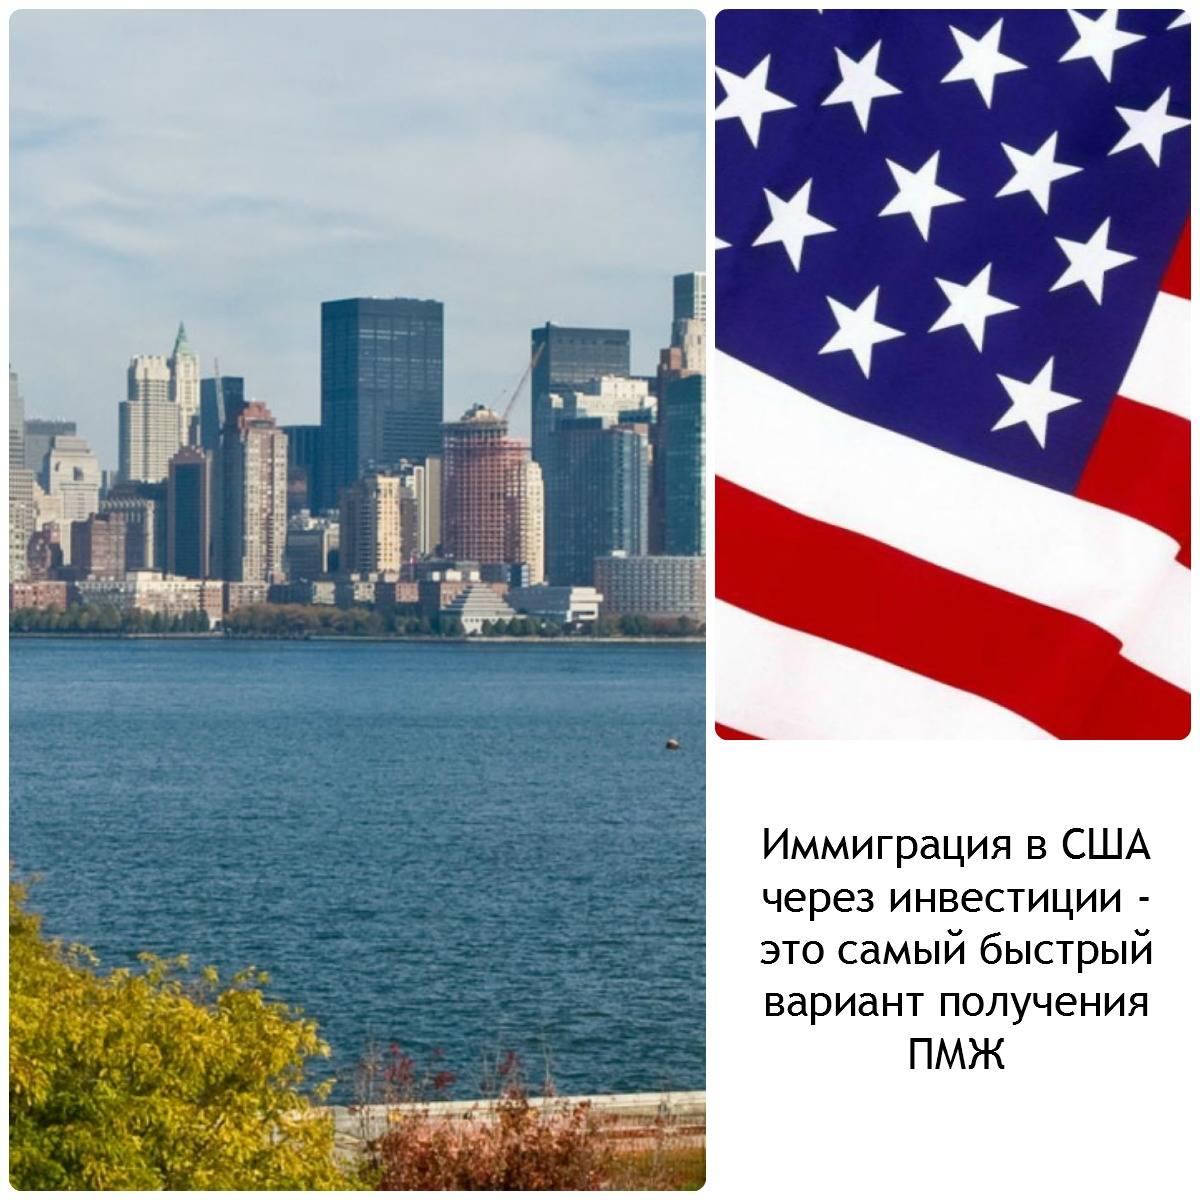 Эмиграция в сша из россии и украины: легальные способы в 2020 году